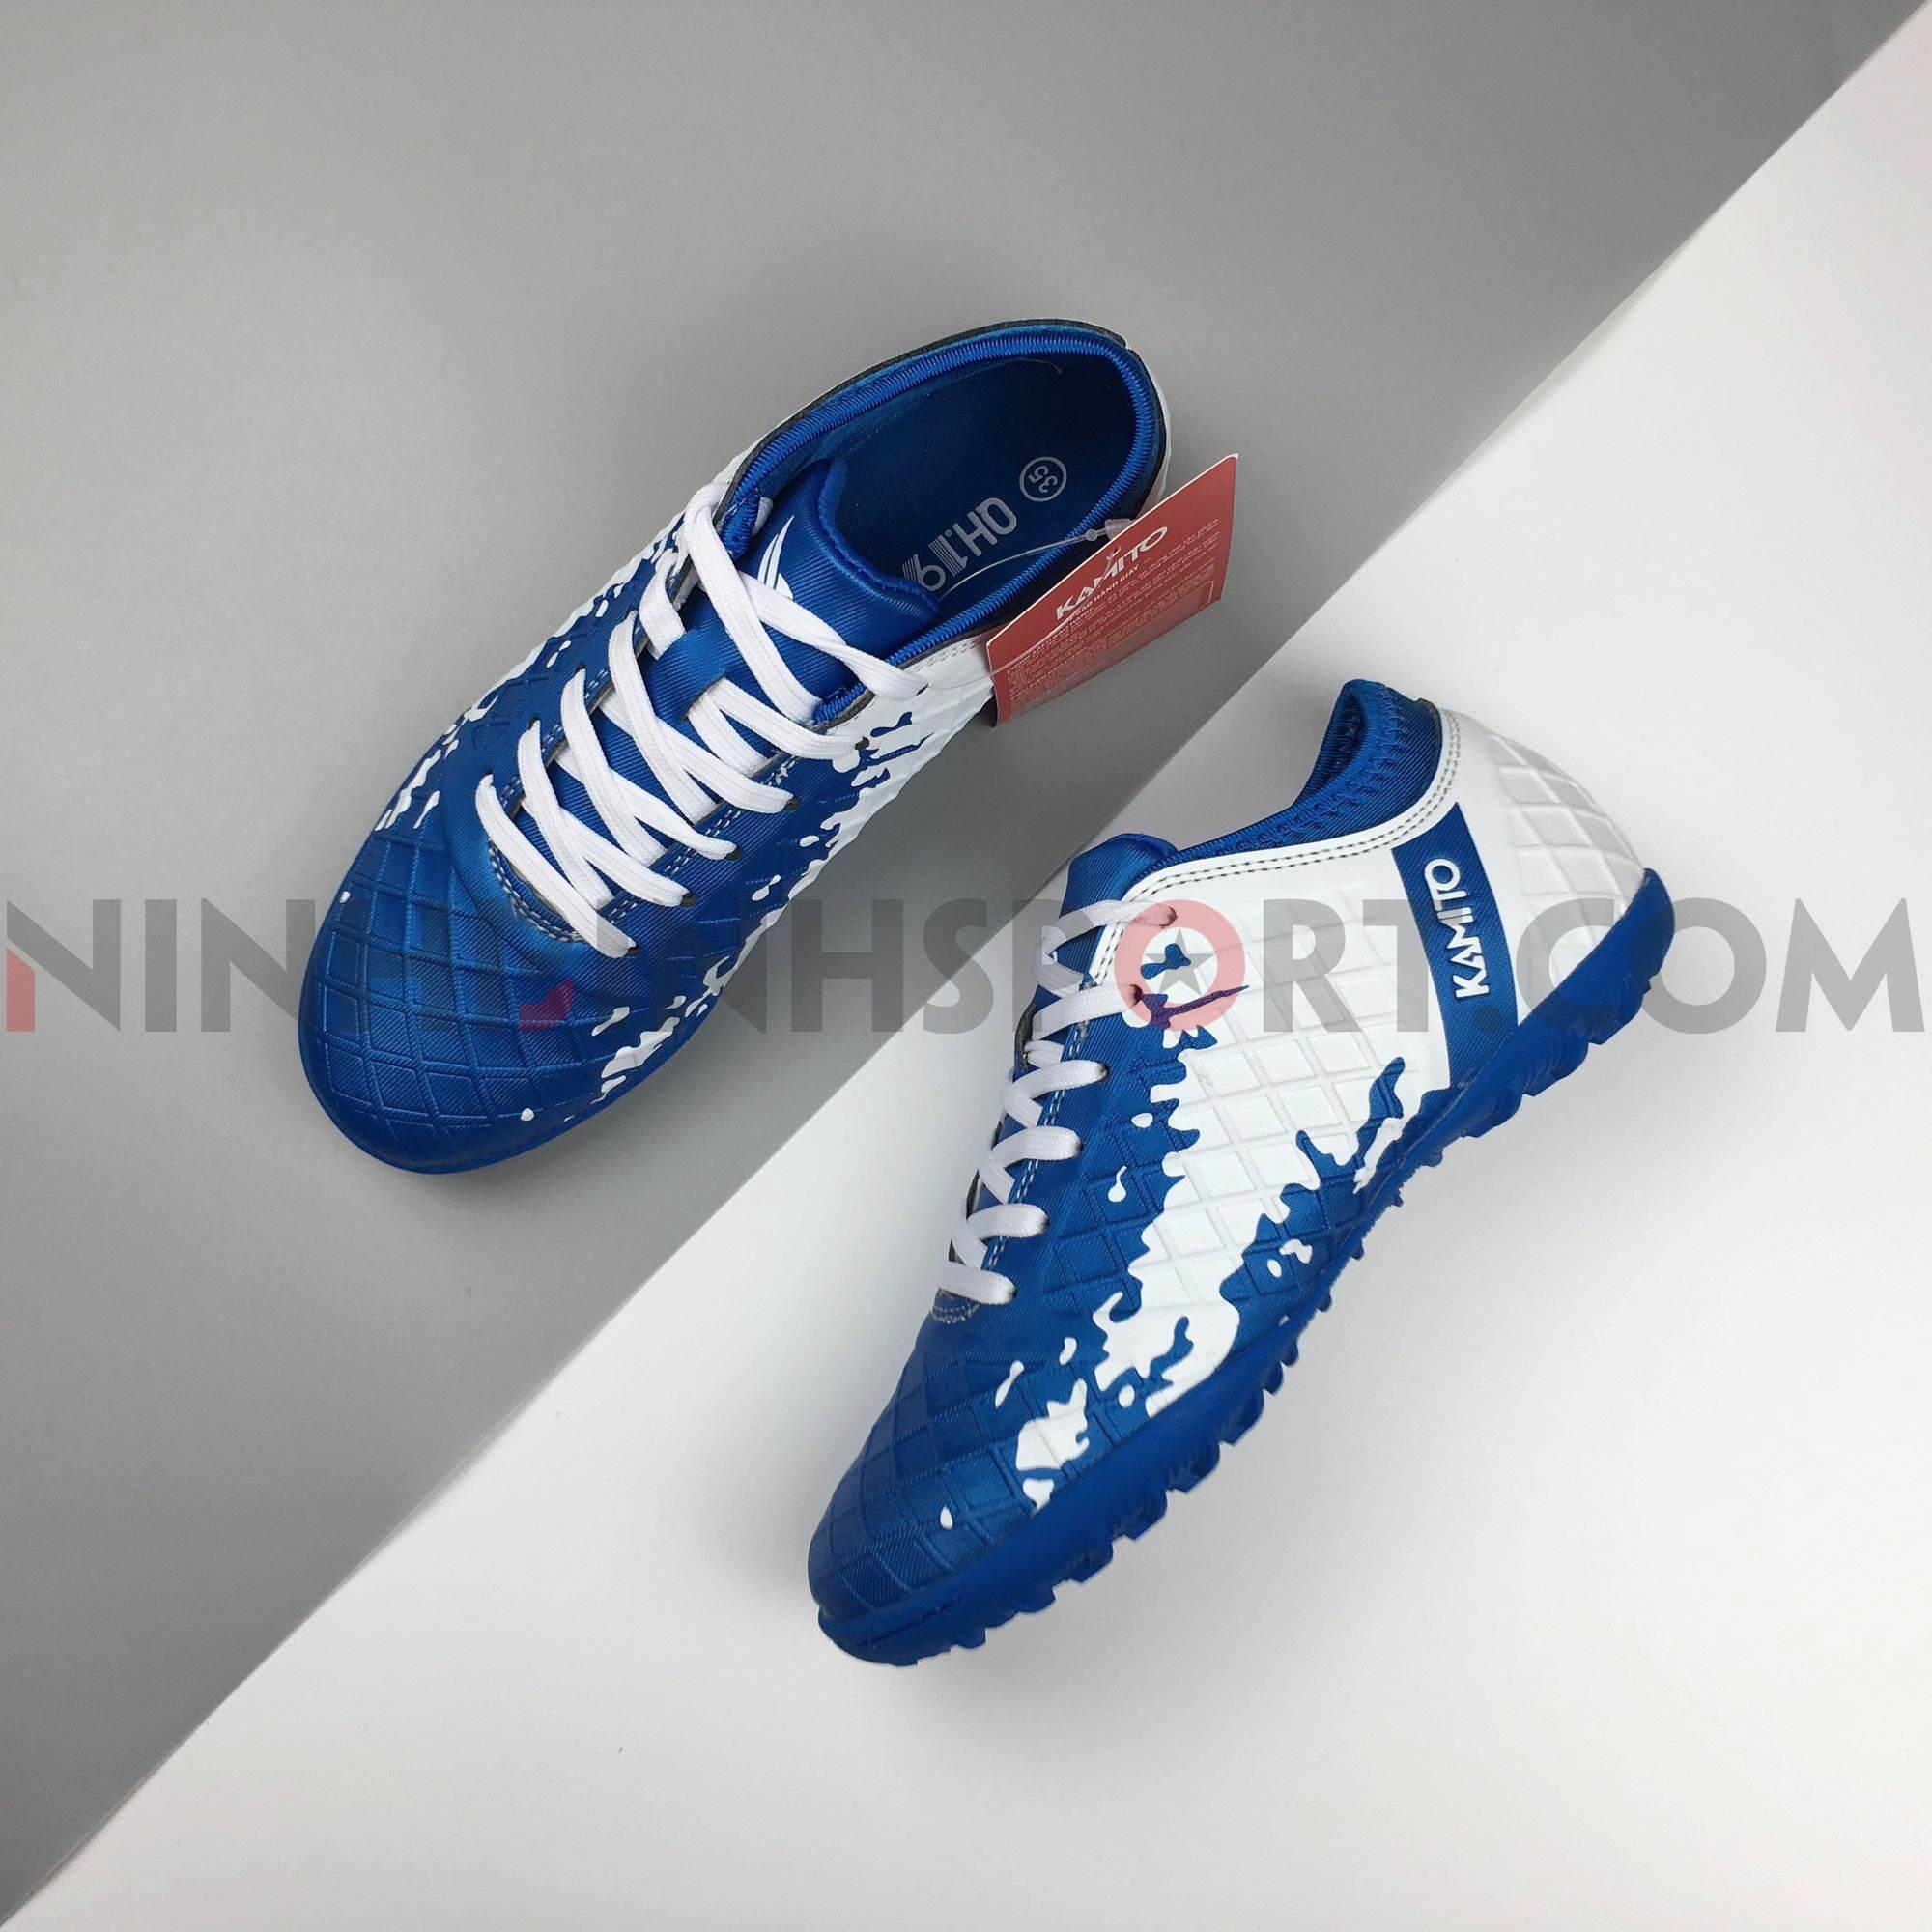 Giày bóng đá trẻ em Kamito QH19 F19401